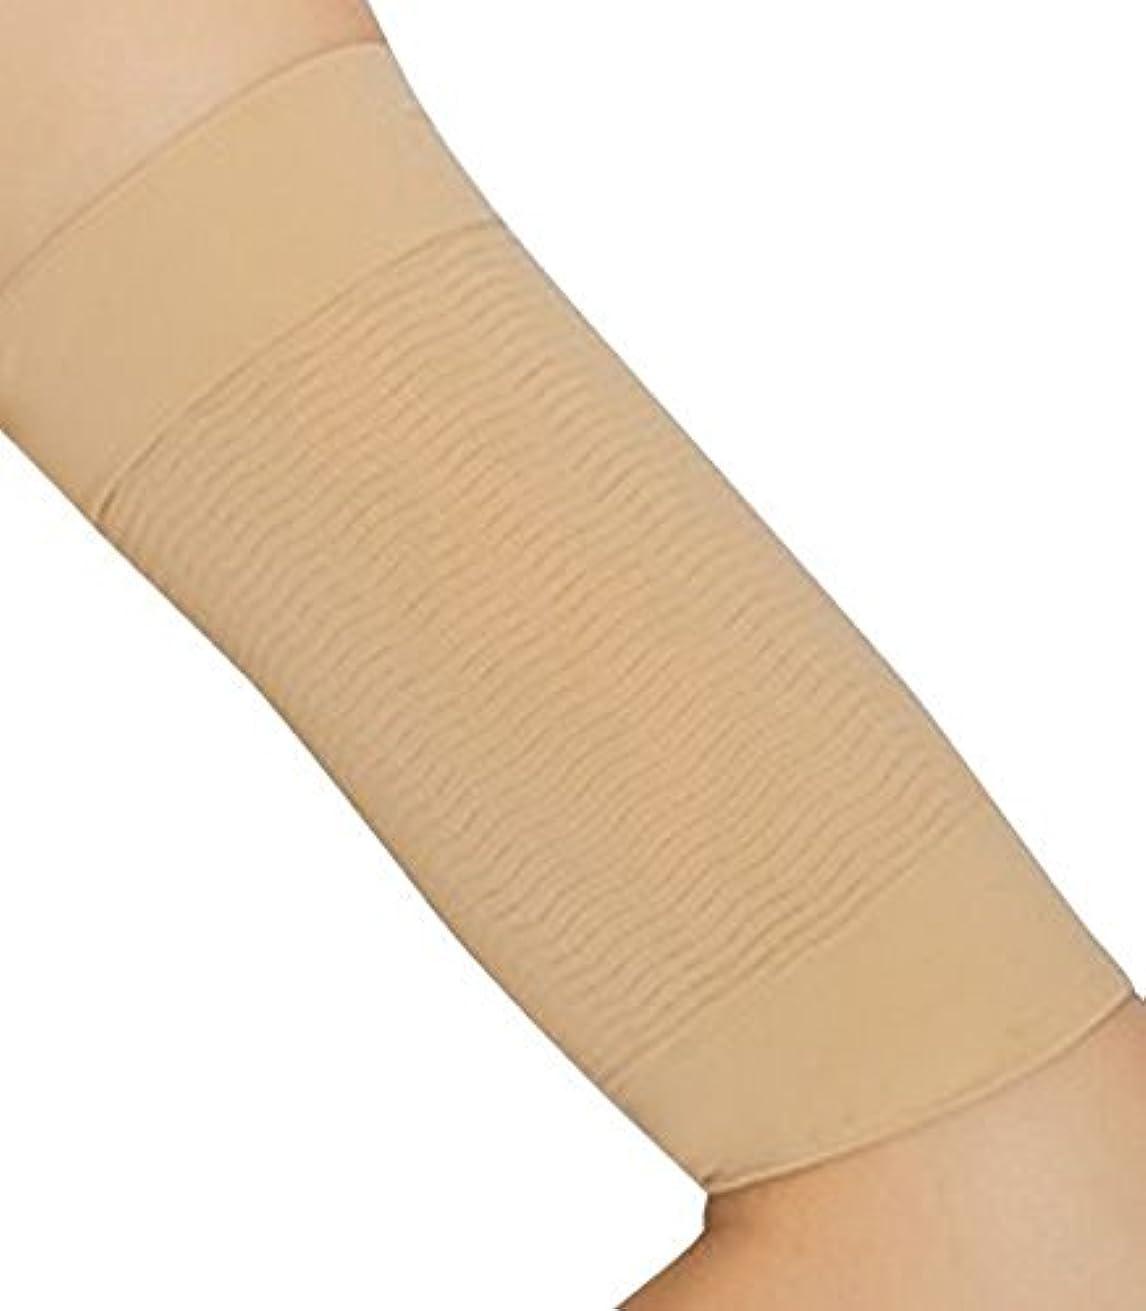 木製再生東CREPUSCOLO 二の腕引き締め! 二の腕シェイパー 二の腕 引き締め 二の腕痩せ ダイエット 二の腕ダイエット インナー シェイプアップ 脂肪燃焼 セルライト 加圧下着 (ベージュ)